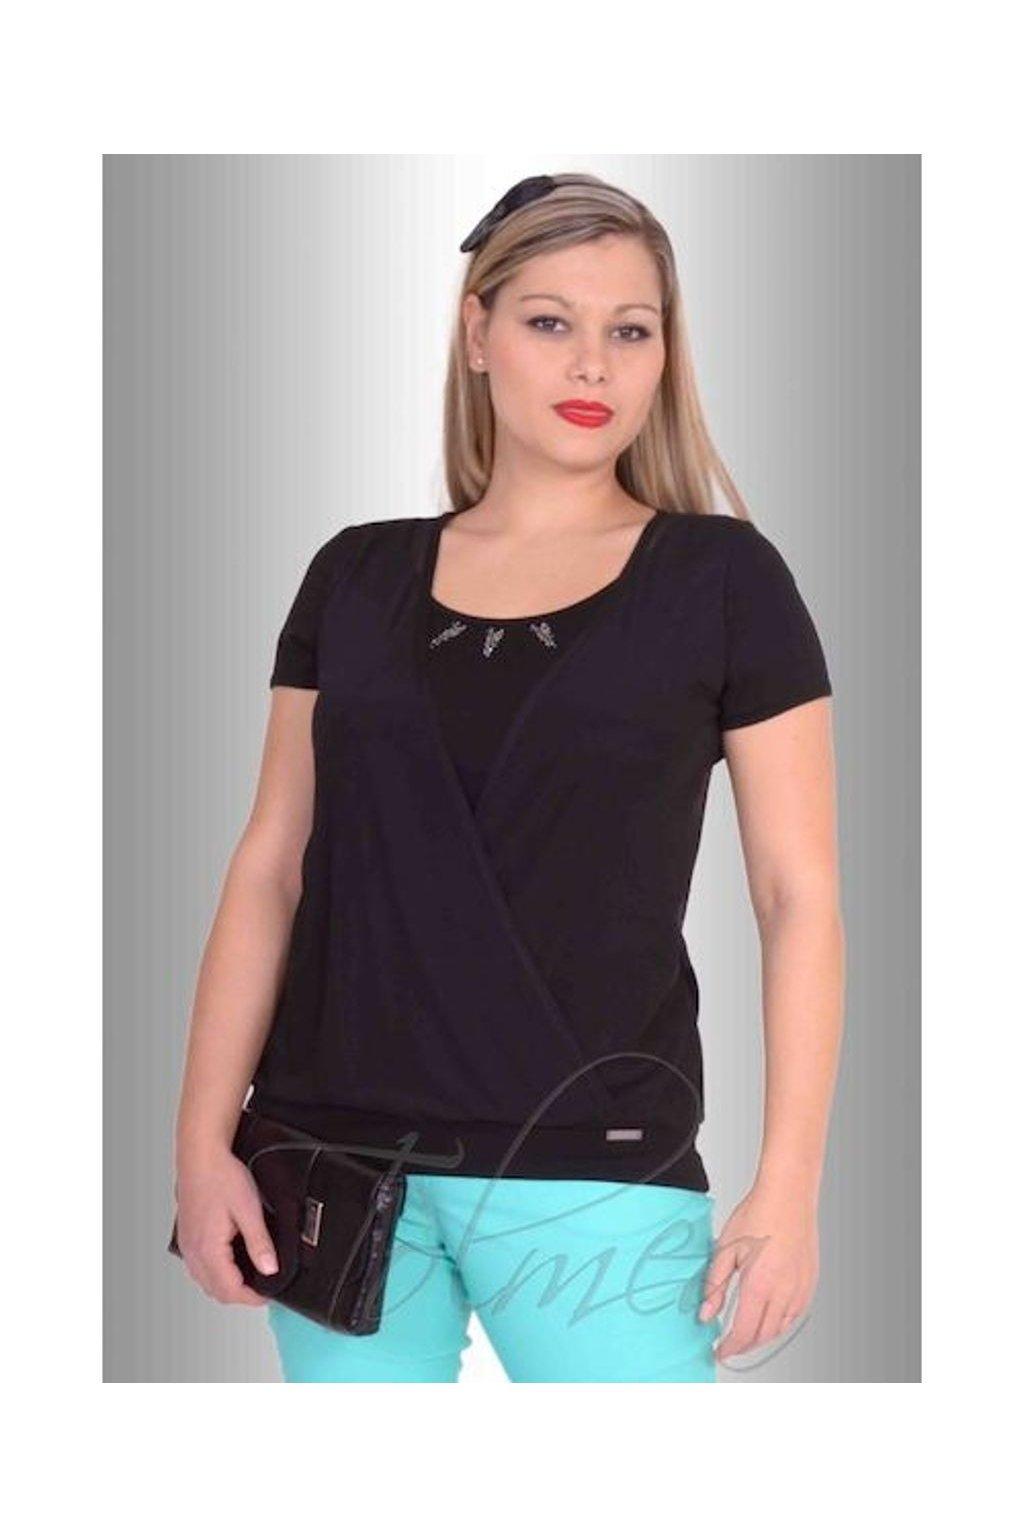 Tričko překřížená přednice šifon 4816 (Velikost 36, Barva Černá)